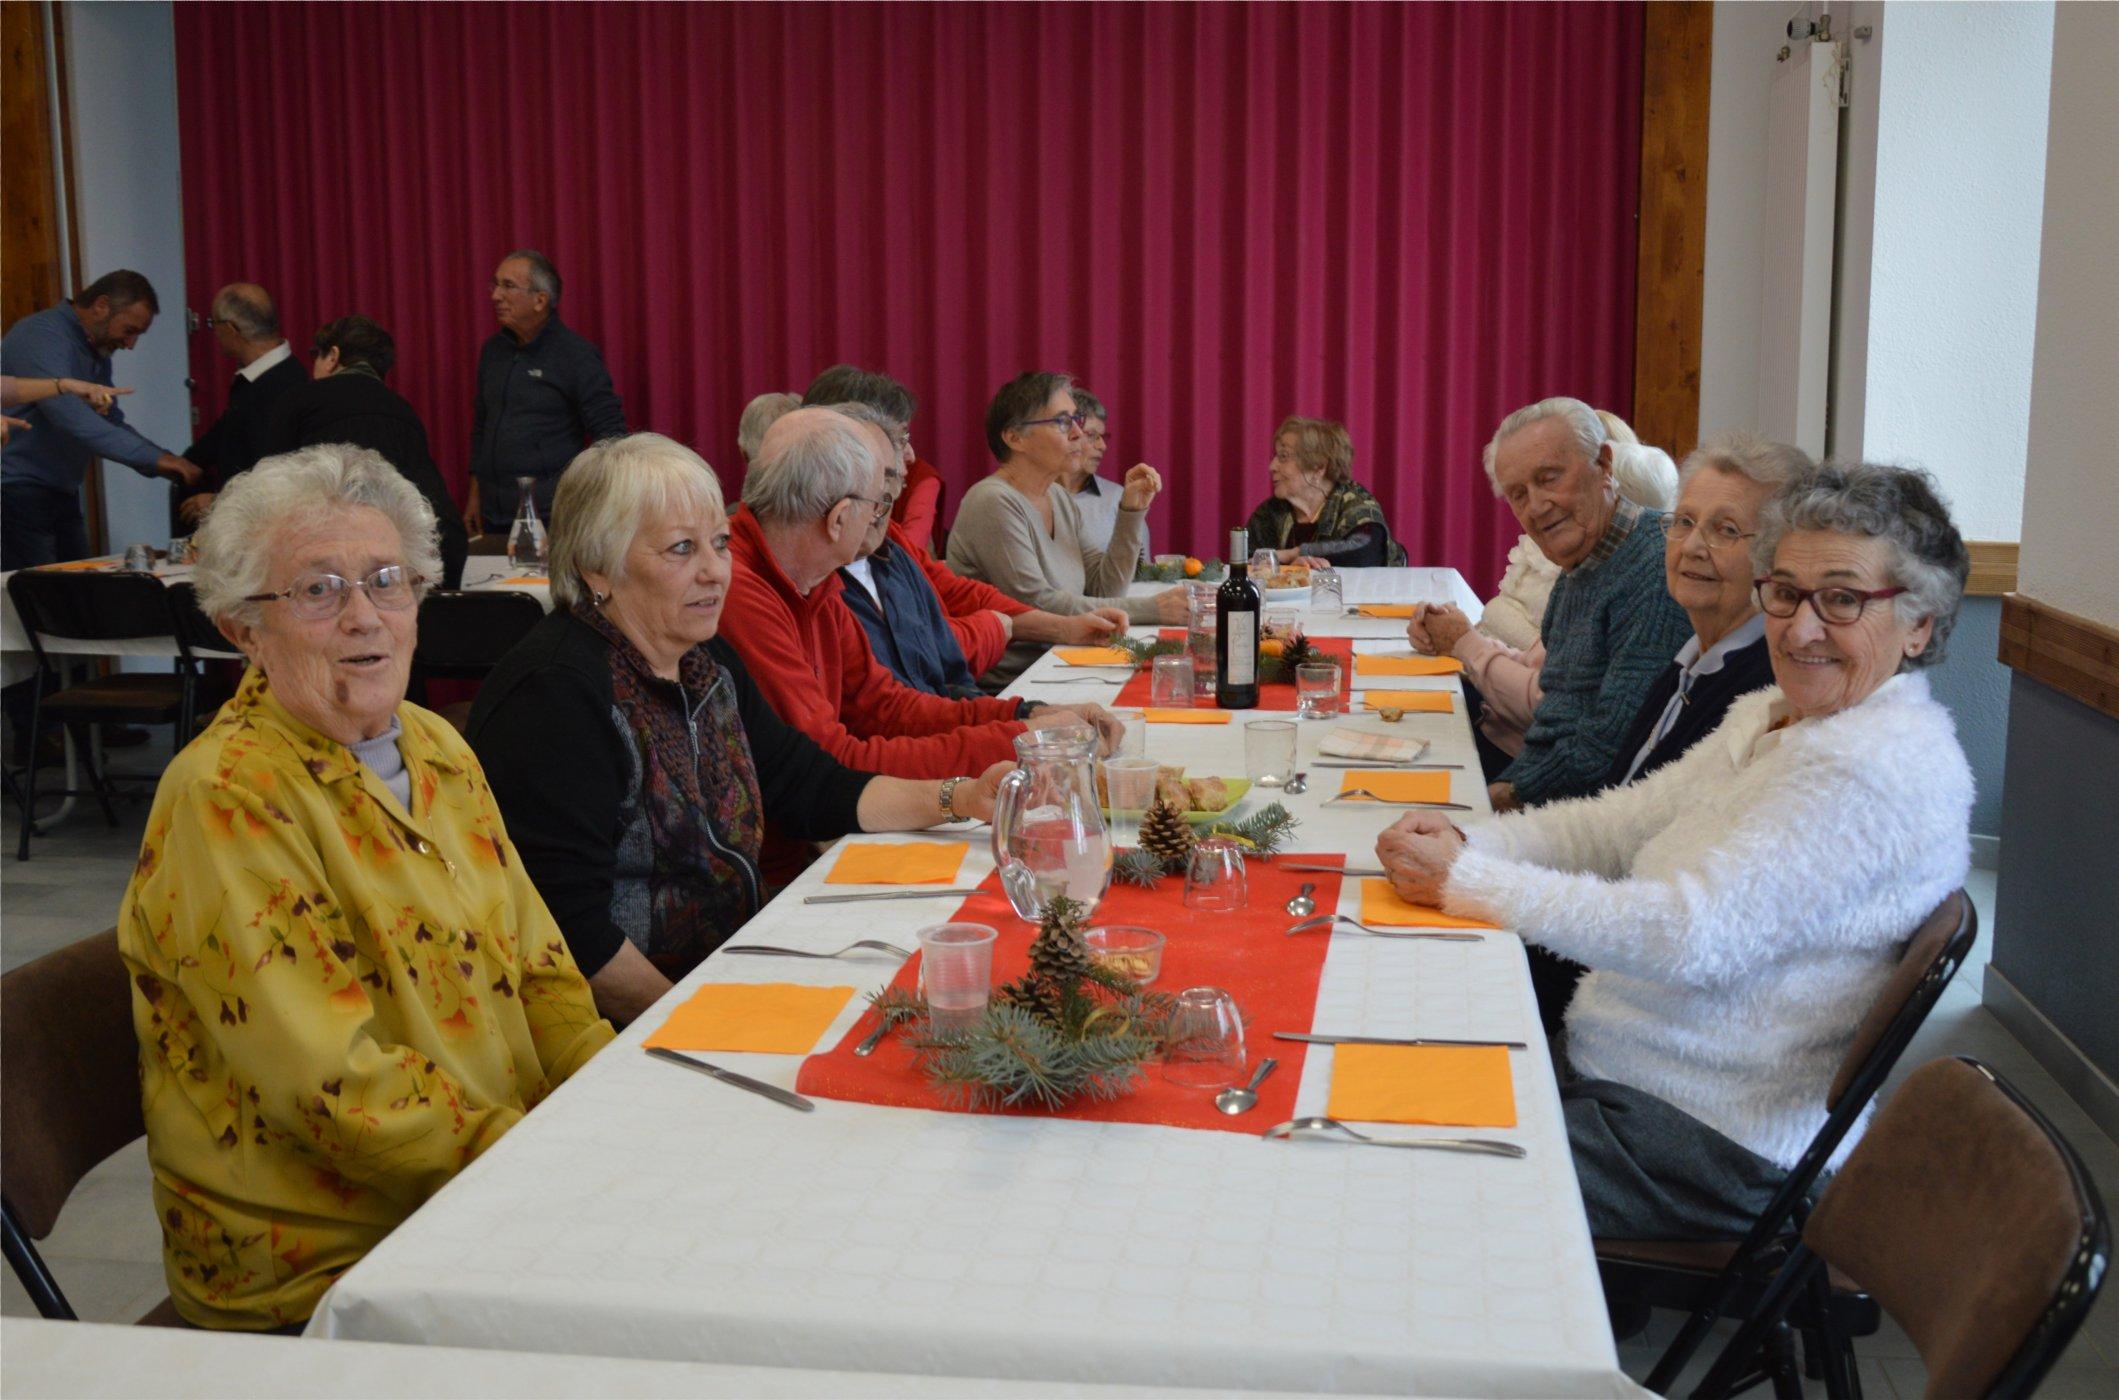 Les membres de l'association des seniors de Réotier étaient heureux de se retrouver autour d'une table.